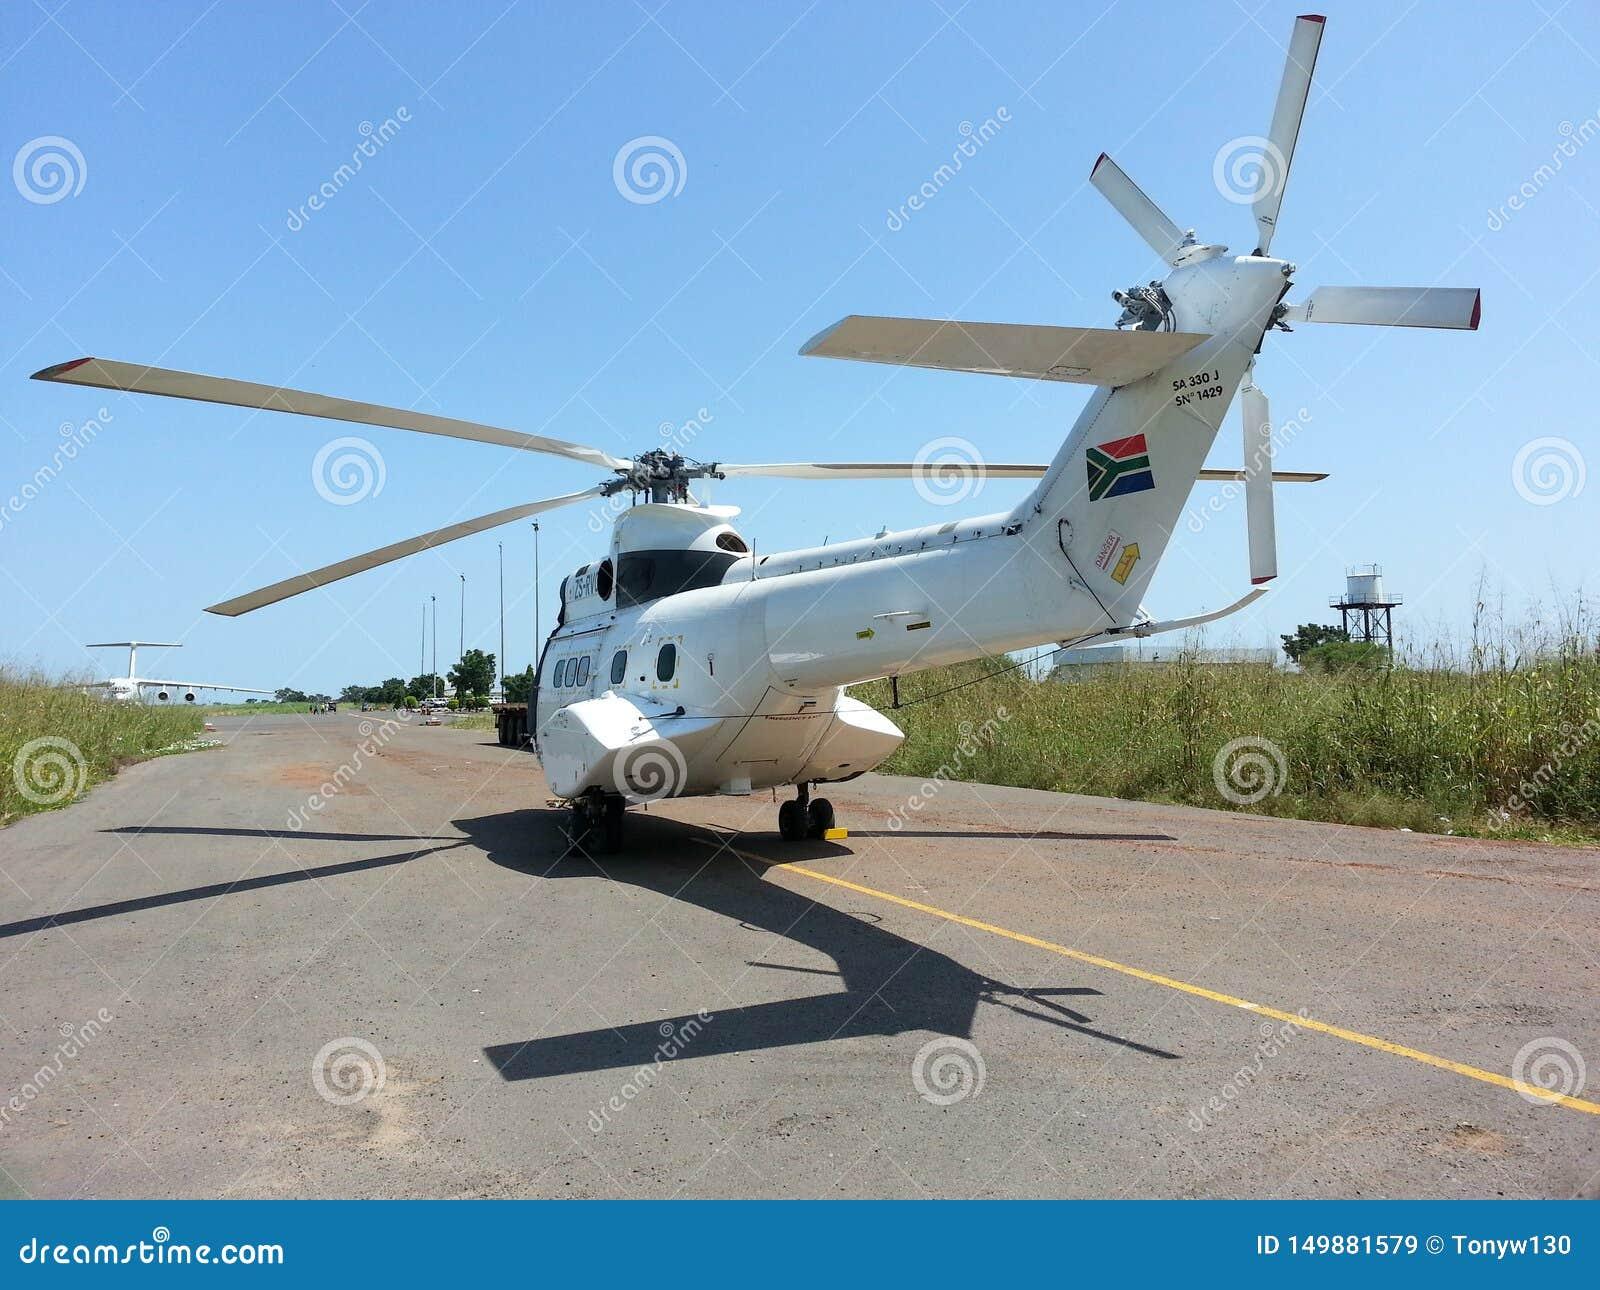 Hubschrauber geparkt am Flughafen